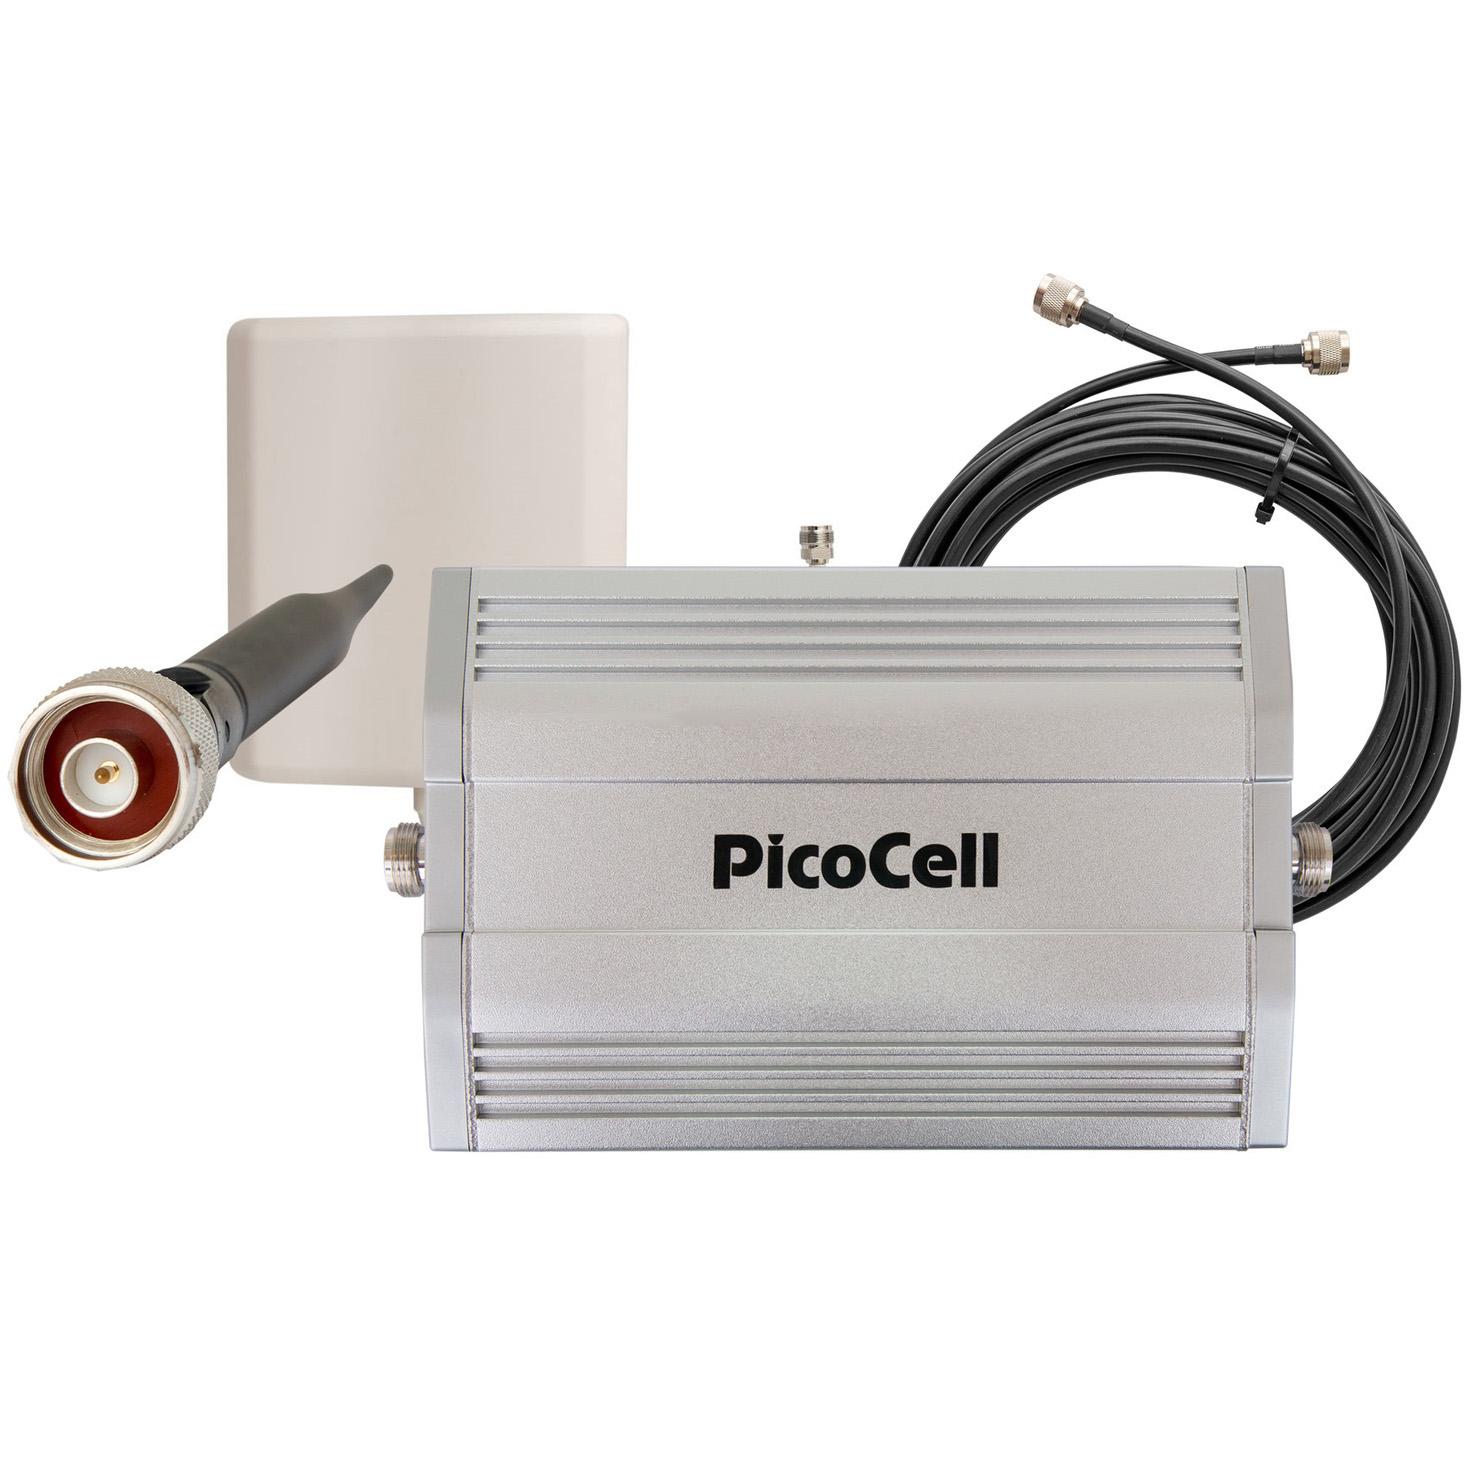 Готовый комплект усиления сотовой связи PicoCell 2000 SXB+ (LITE 1) (+ Кронштейн в подарок!) готовый комплект усиления сотовой связи picocell 2000 sxb lite 2 кронштейн в подарок